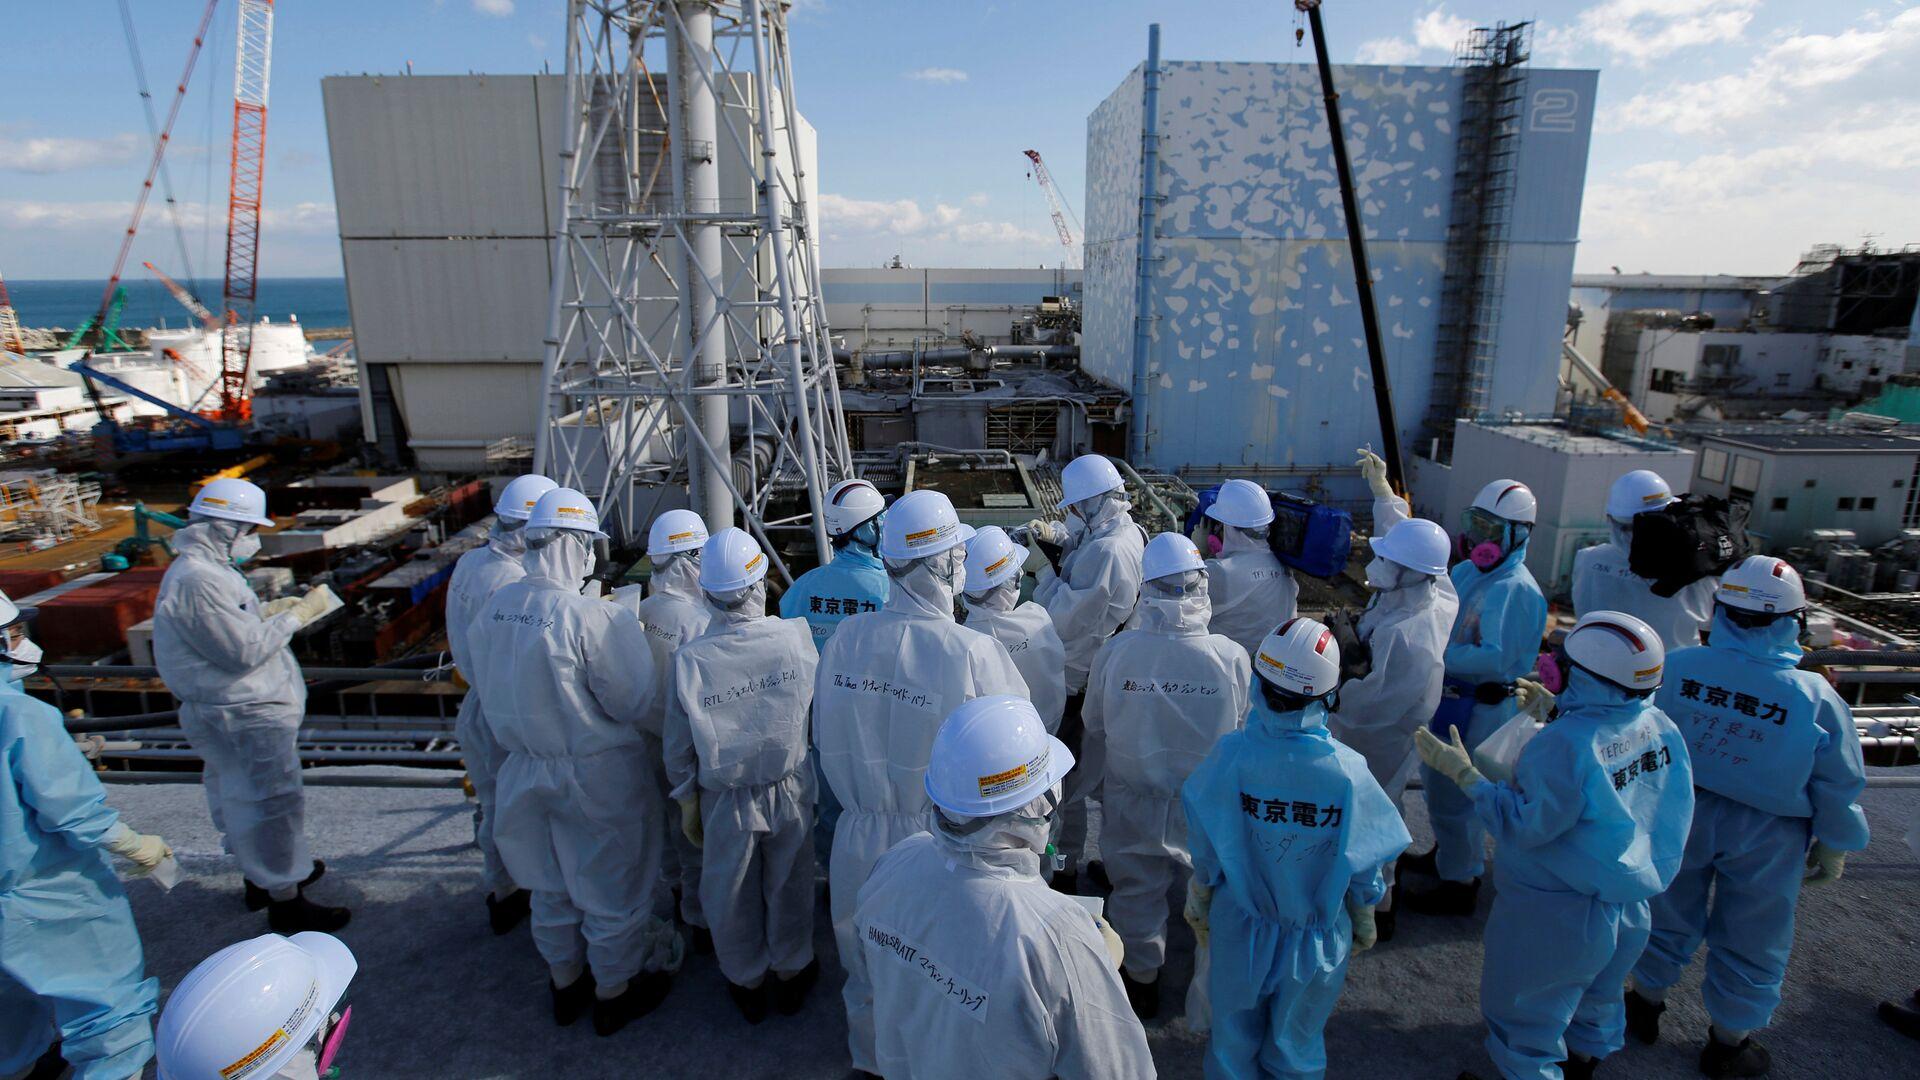 Los medios de comunicación reciben información de los empleados de TEPCO en la planta de energía nuclear Fukushima 1, prefectura de Fukushima, Japón. - Sputnik Mundo, 1920, 11.03.2021